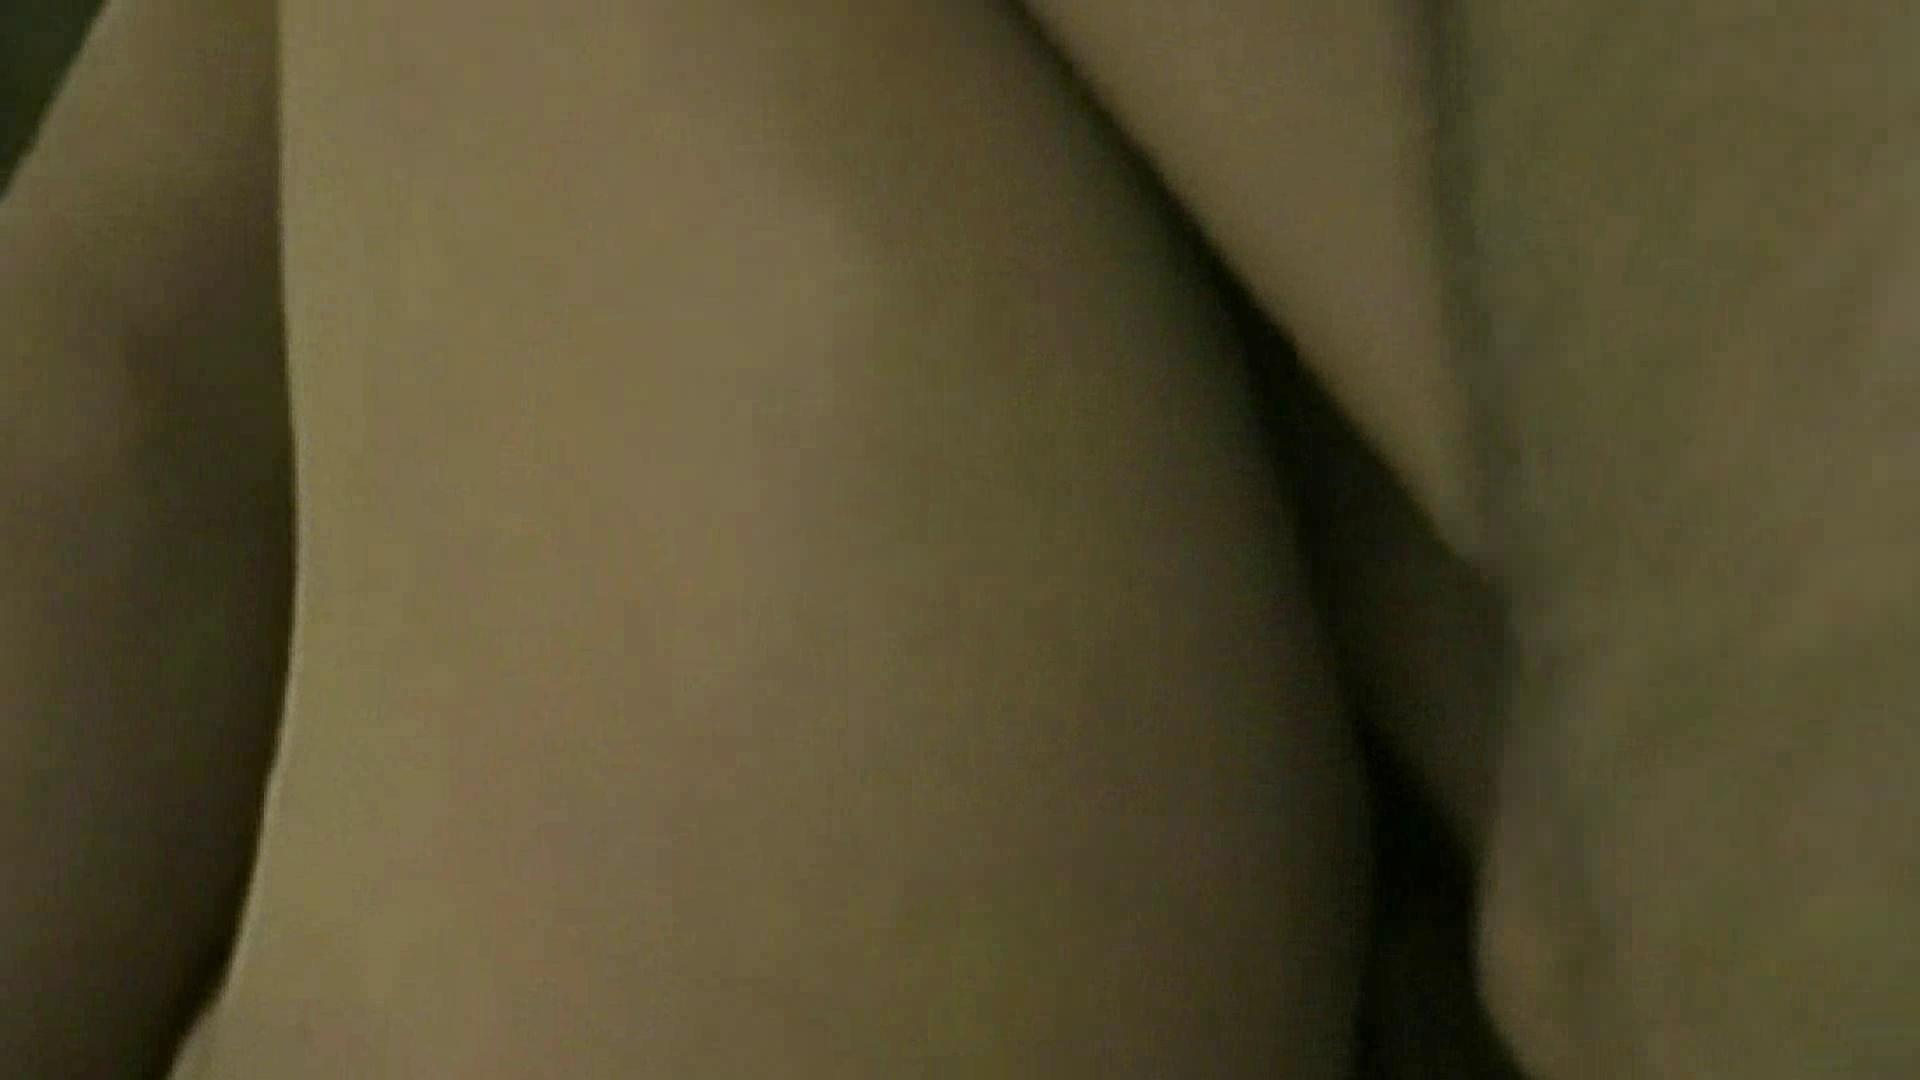 最愛の妻 TAKAKO 愛のSEX Vol.01 熟女のエッチ エロ無料画像 111pic 35